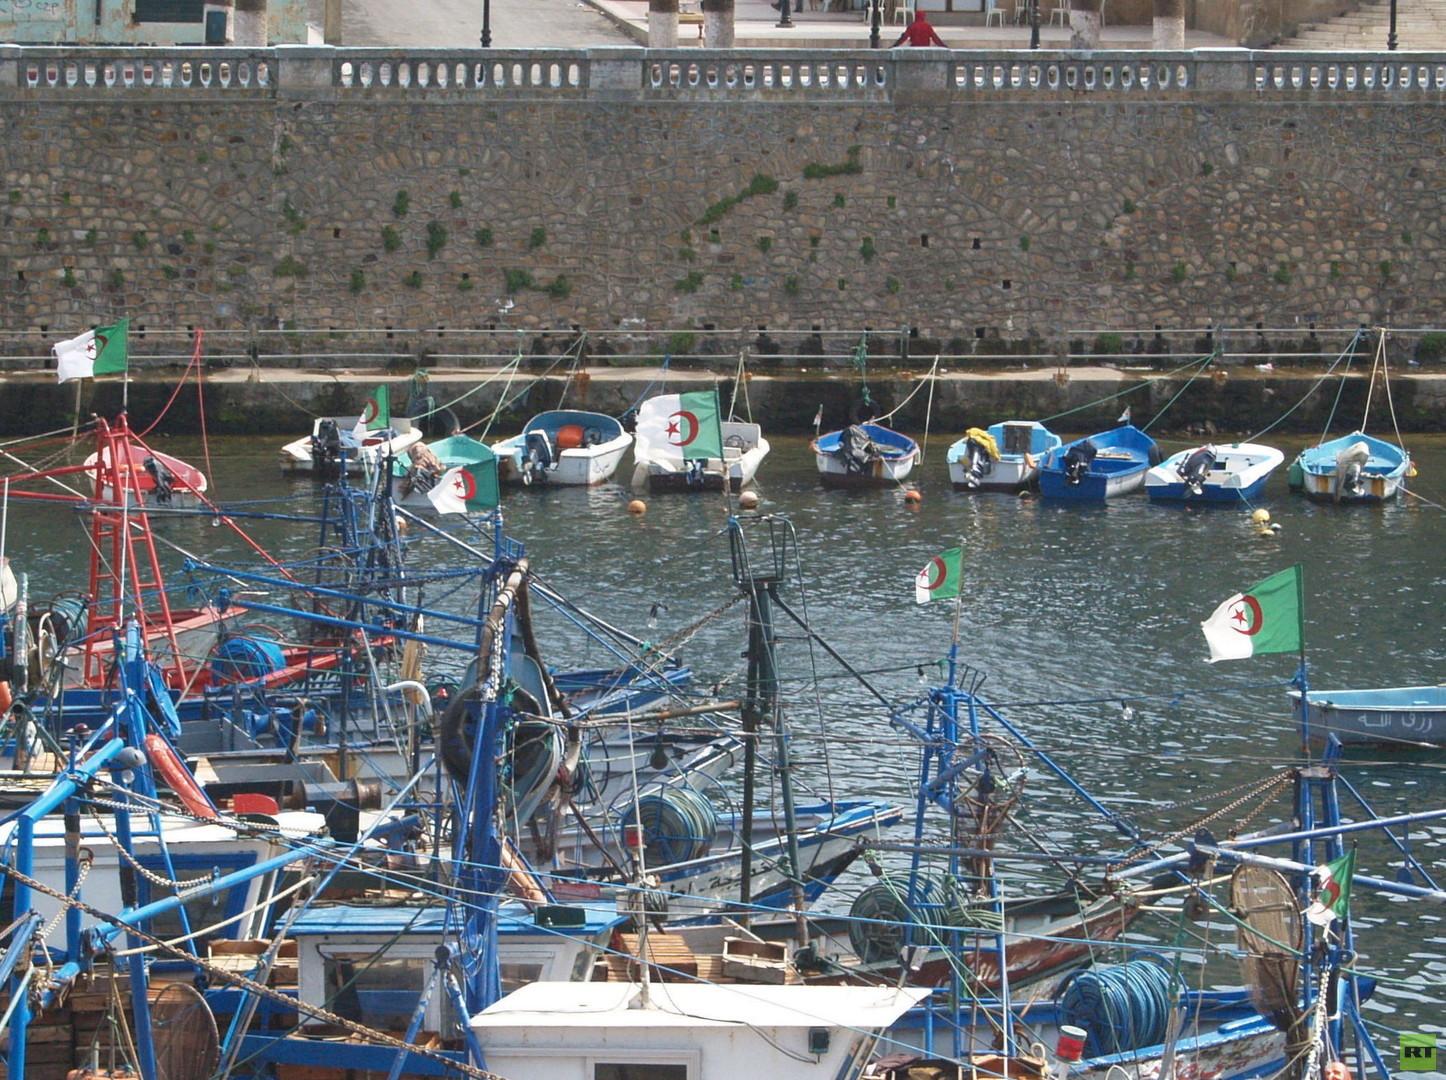 """El Kala, Algerien. Der kleine Seekanal ist unter den Harragas als """"le Visa Sarde"""", bekannt, also übersetzt """"das Sardische Visum"""". Seit 2006 machen sich jedes Jahr tausende junge Migranten, von den algerischen Häfen Annaba und El Kala, auf den Weg zu den südlichen Küsten um Cagliari."""